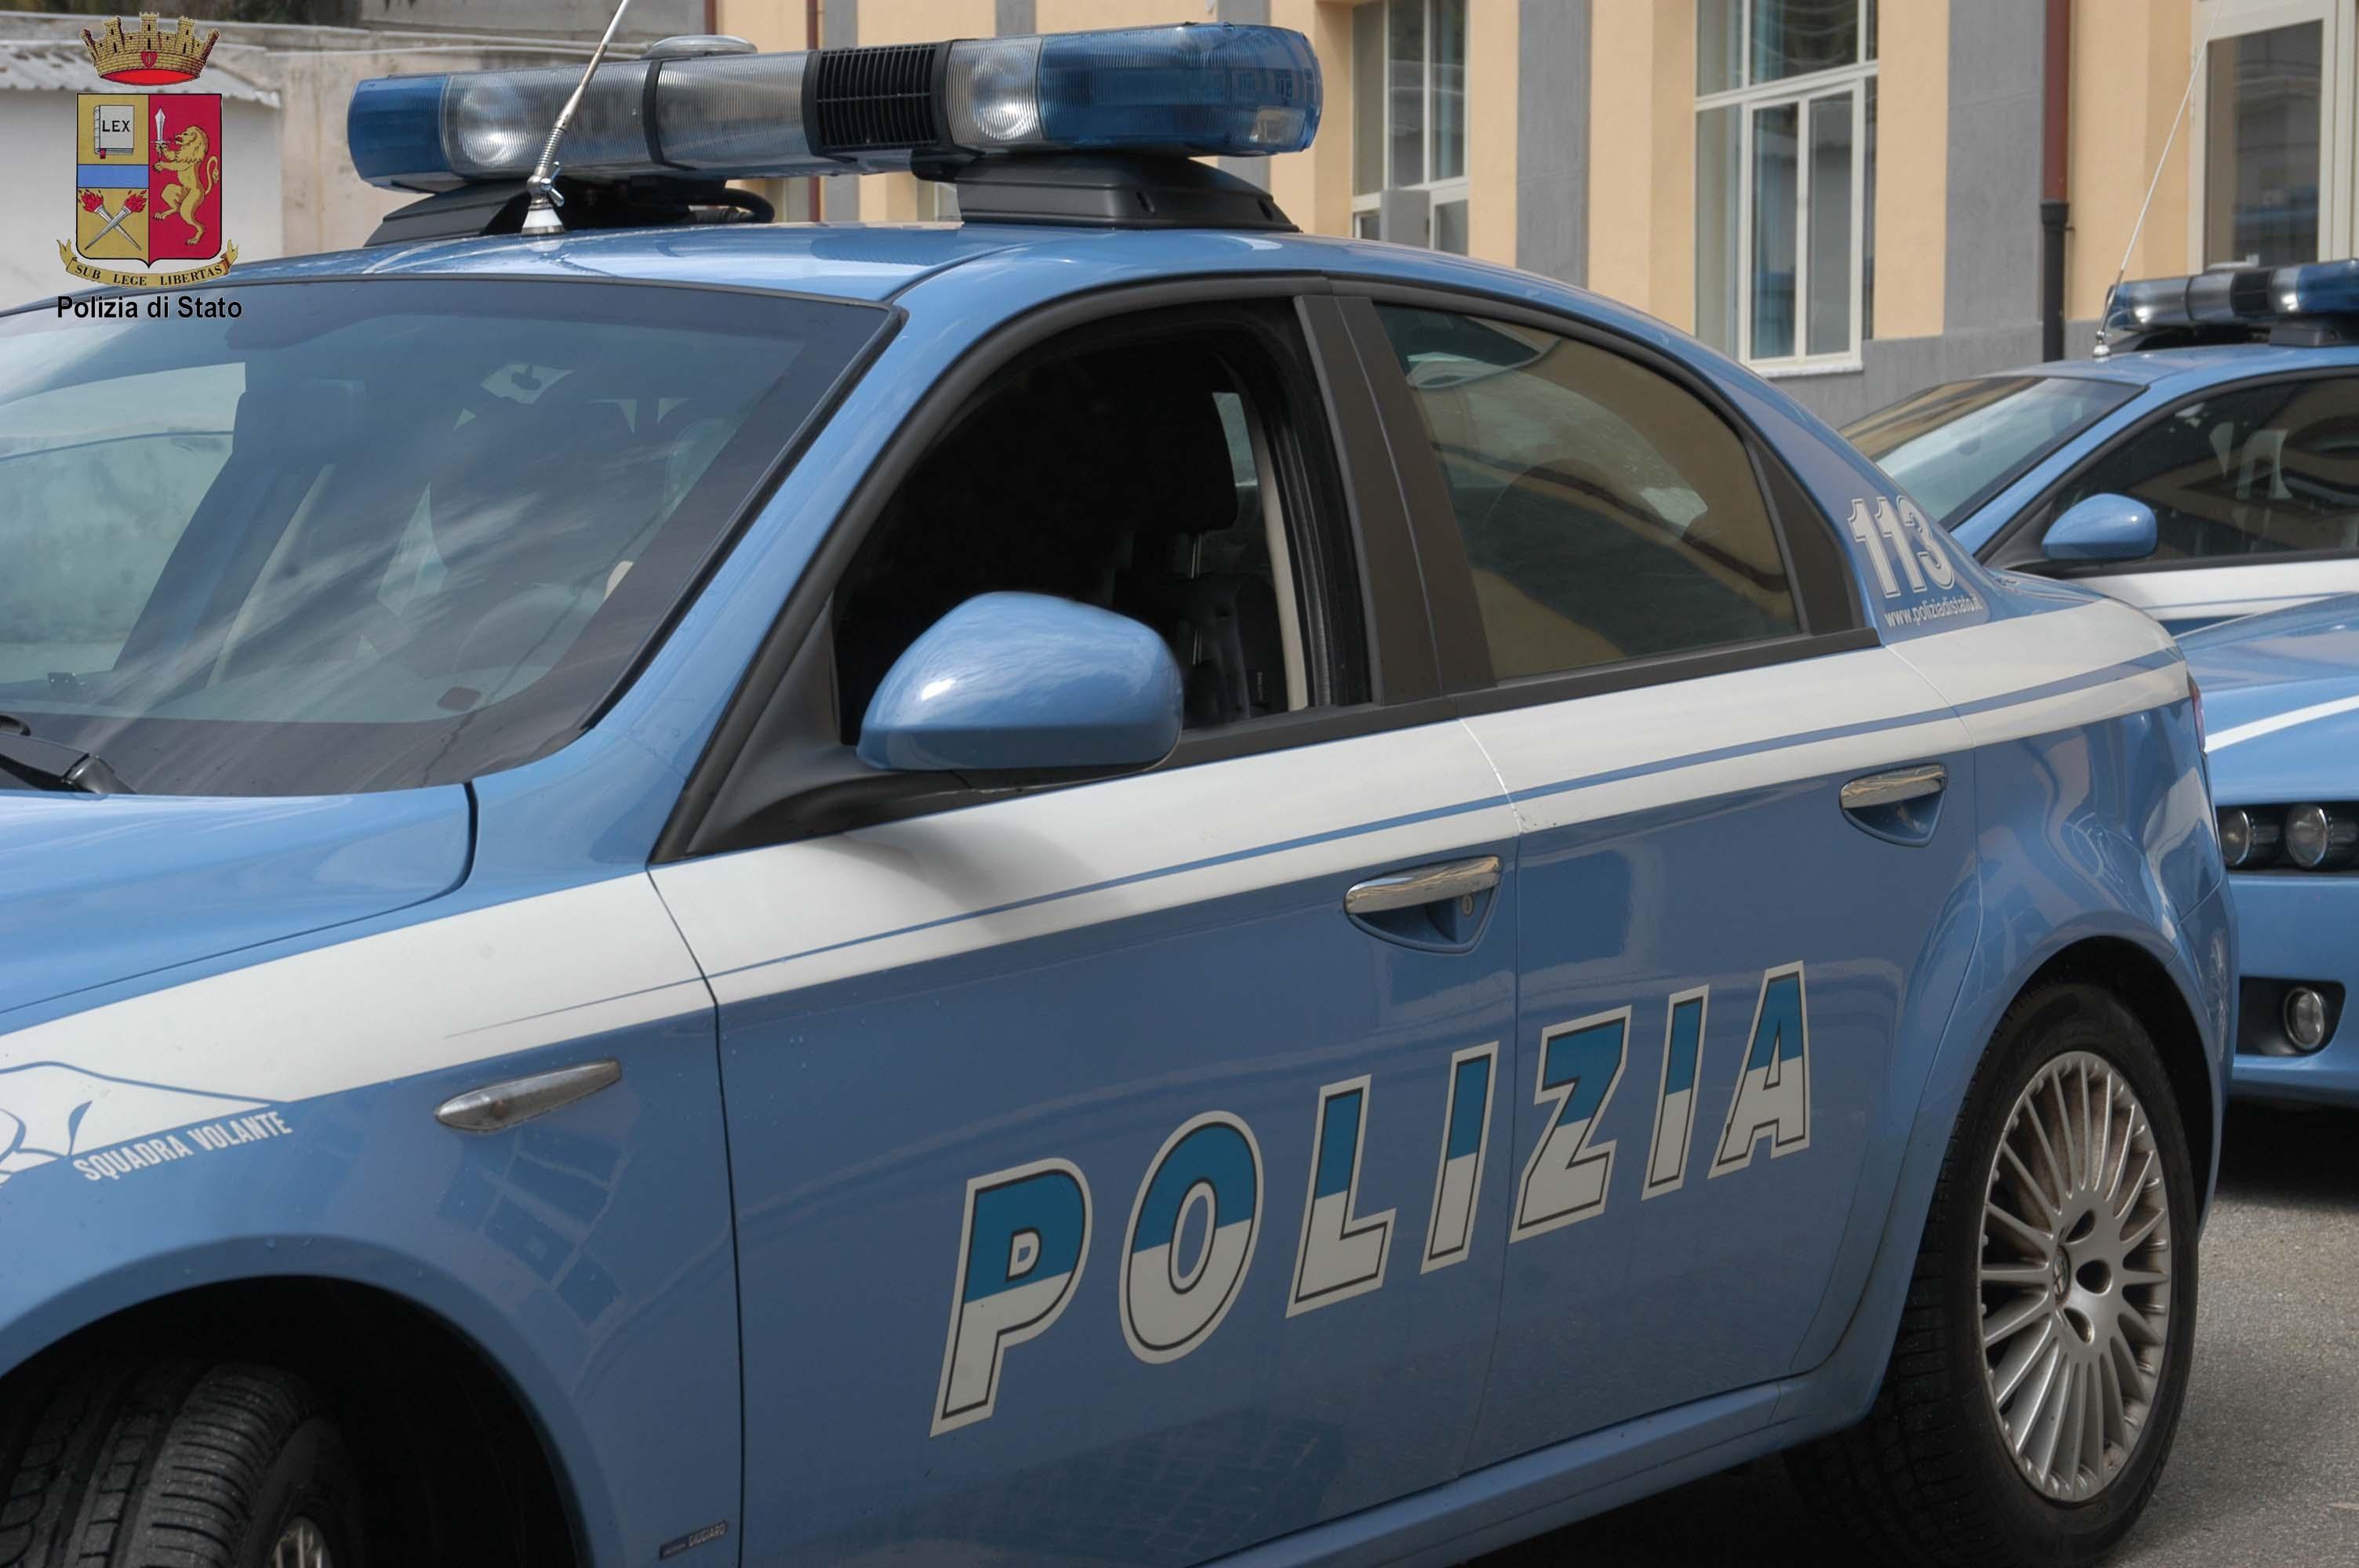 Report consuntivo dell'attività svolta dalla Polizia in Provincia di Trapani dal 23 al 29 dicembre